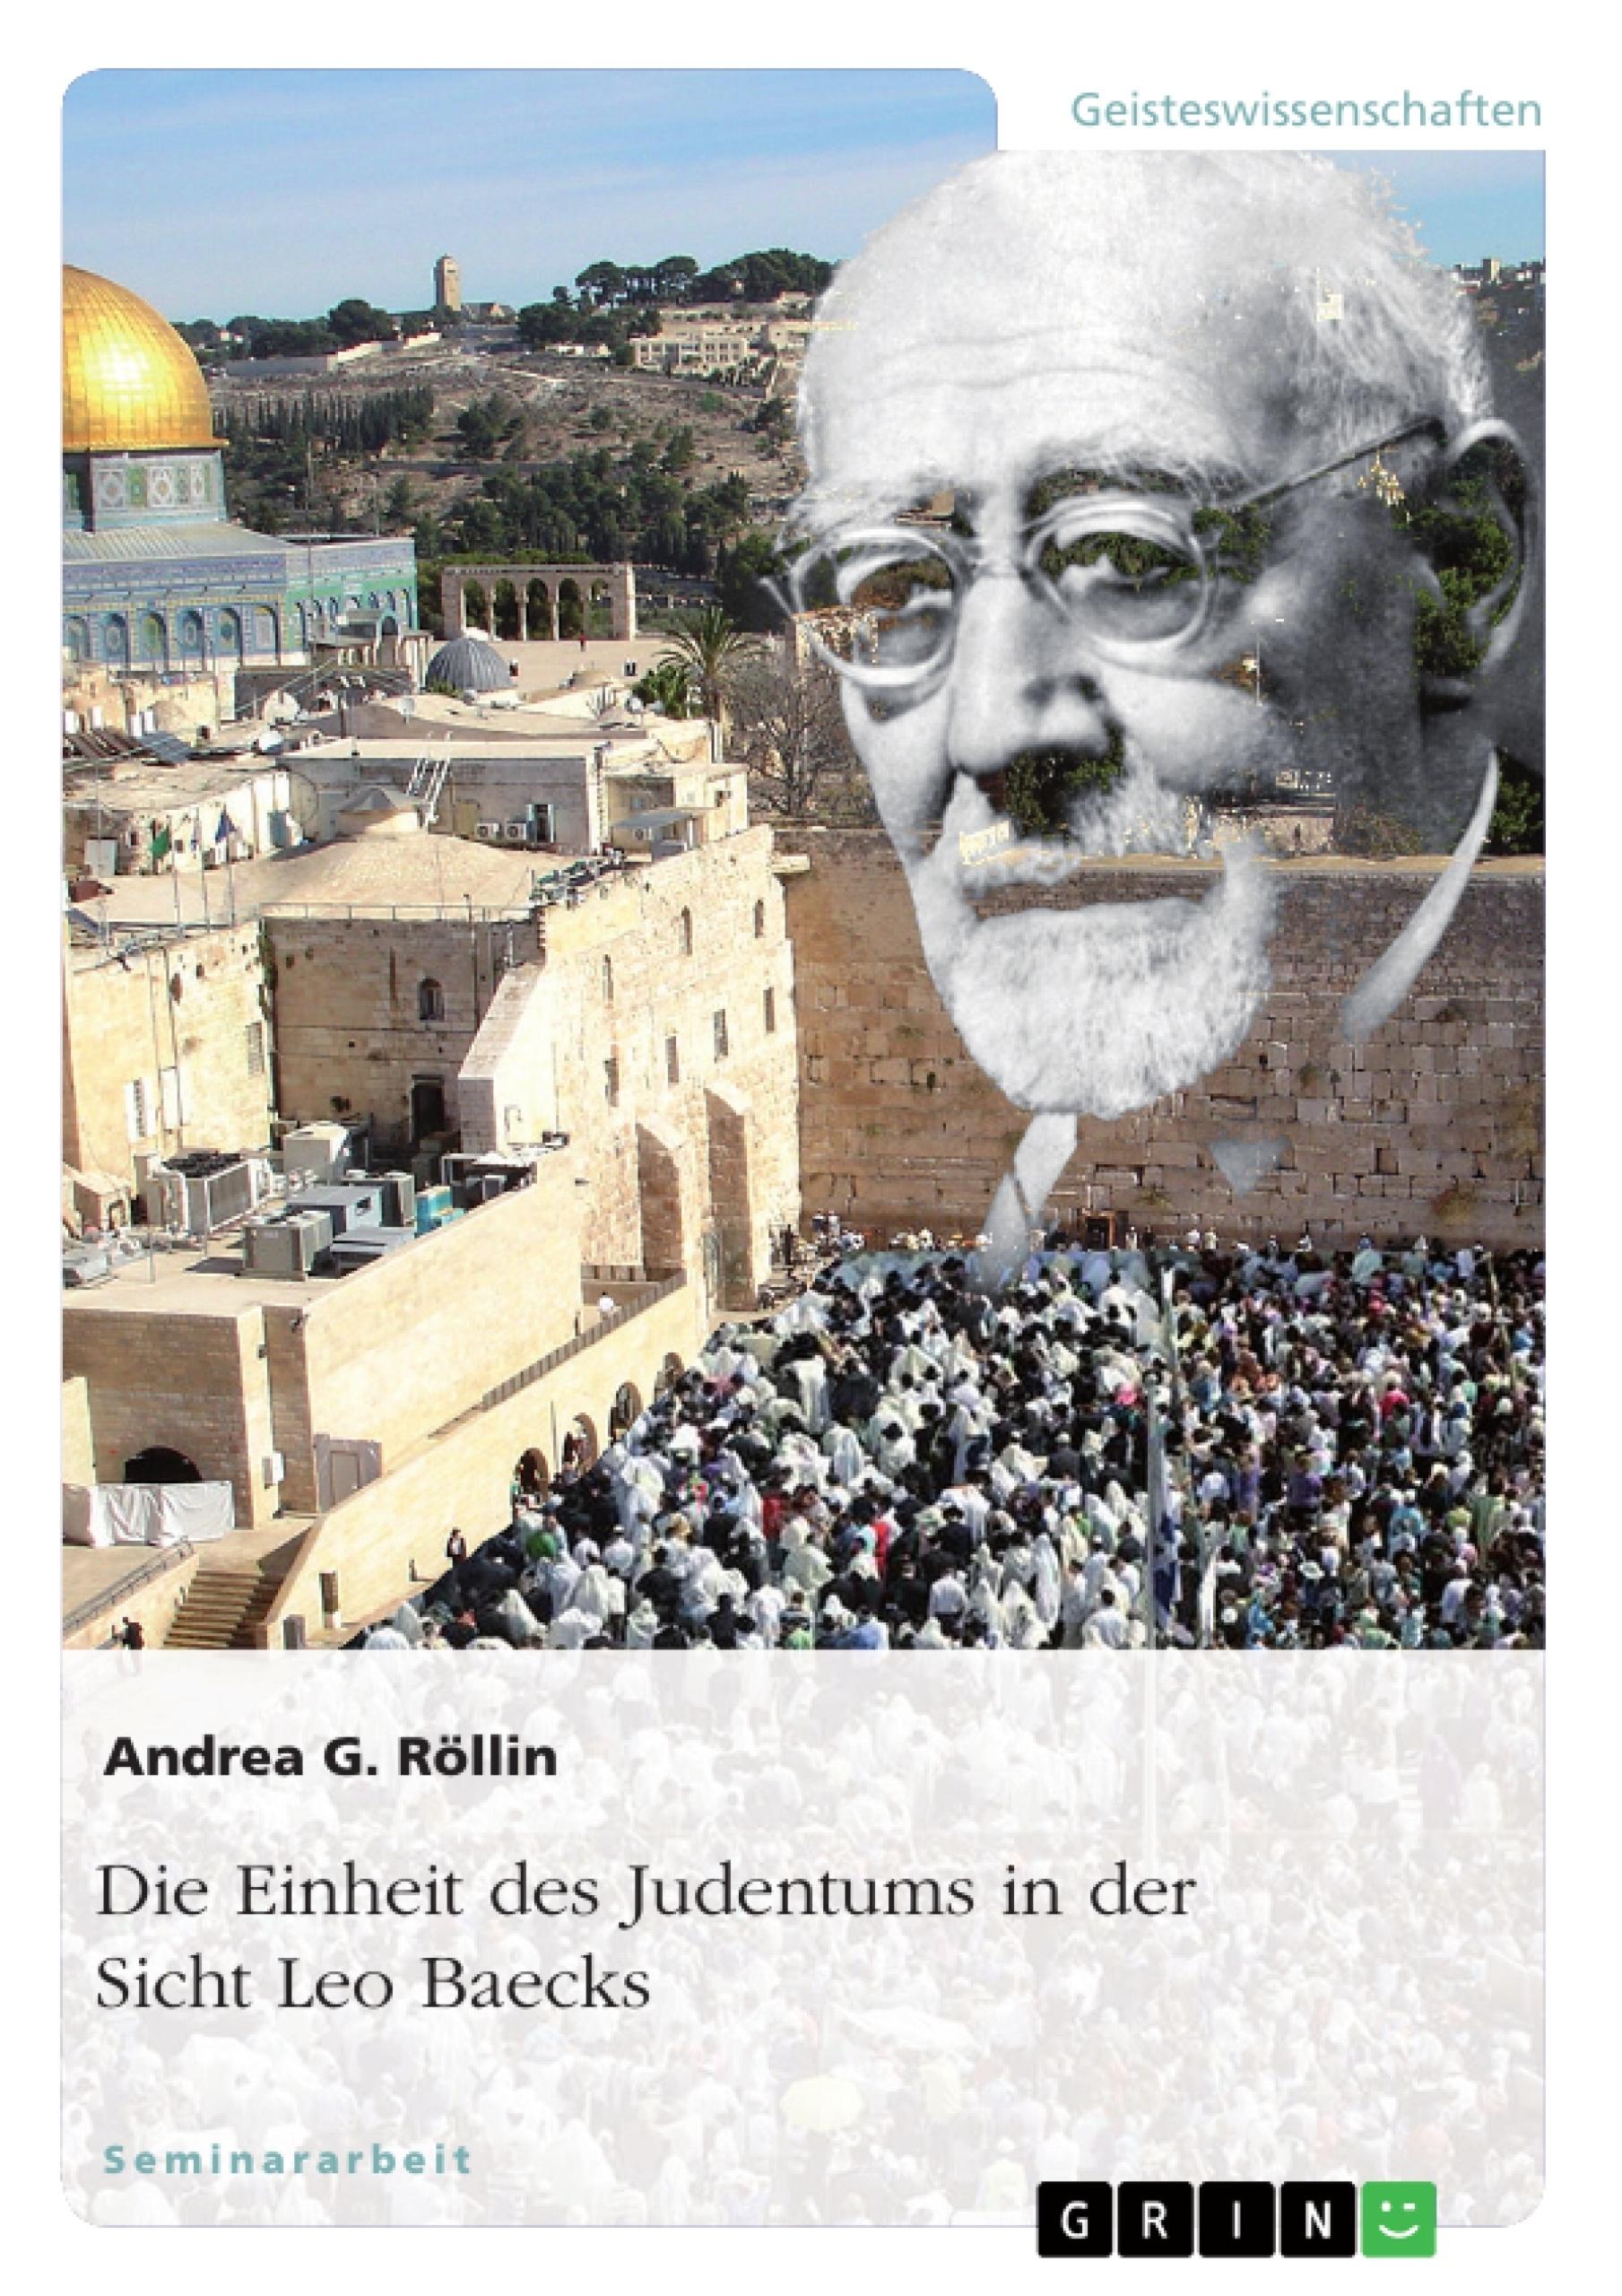 Titel: Die Einheit des Judentums in der Sicht Leo Baecks